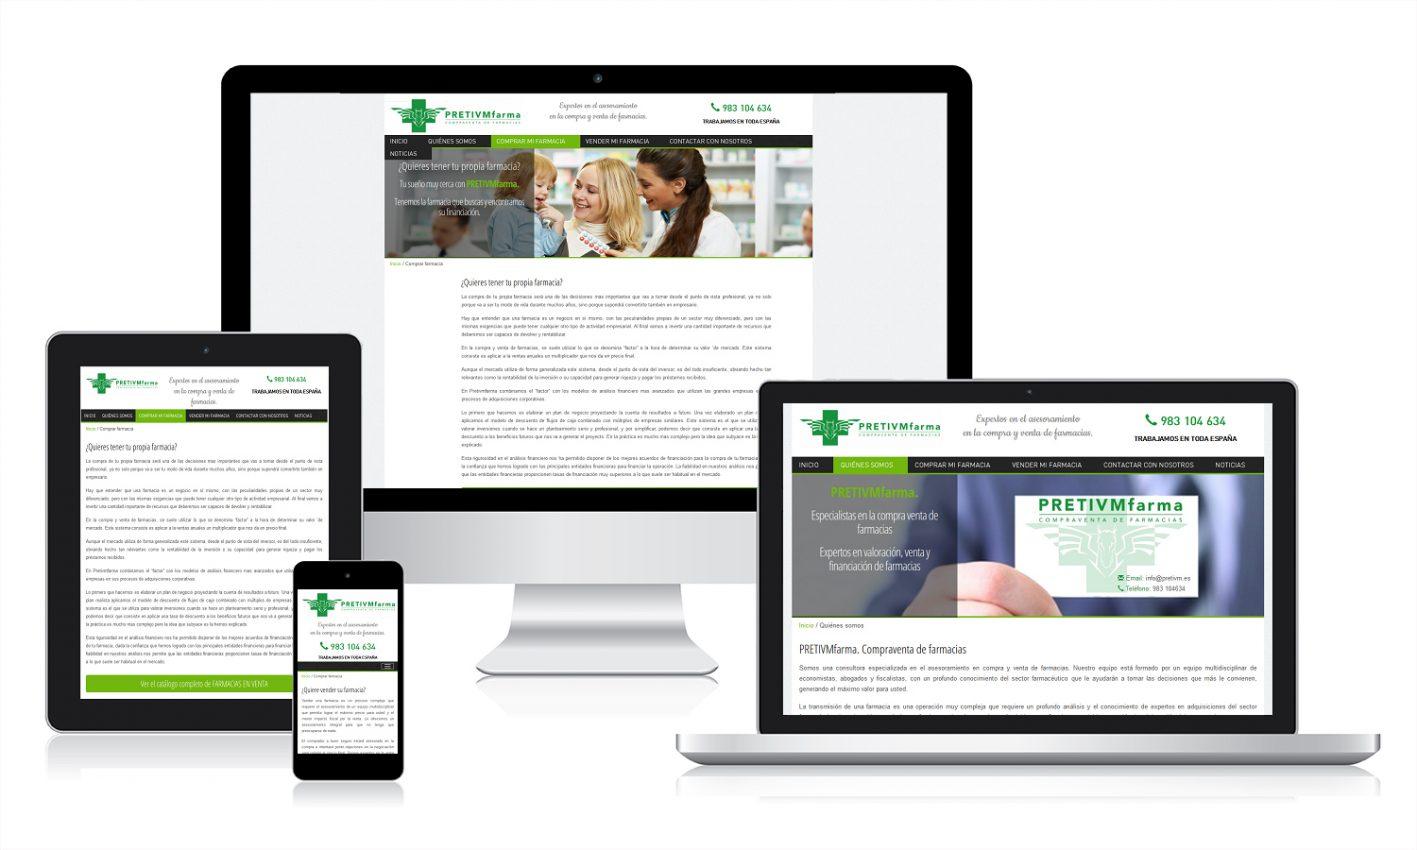 Desarrollo web para pretivm farma